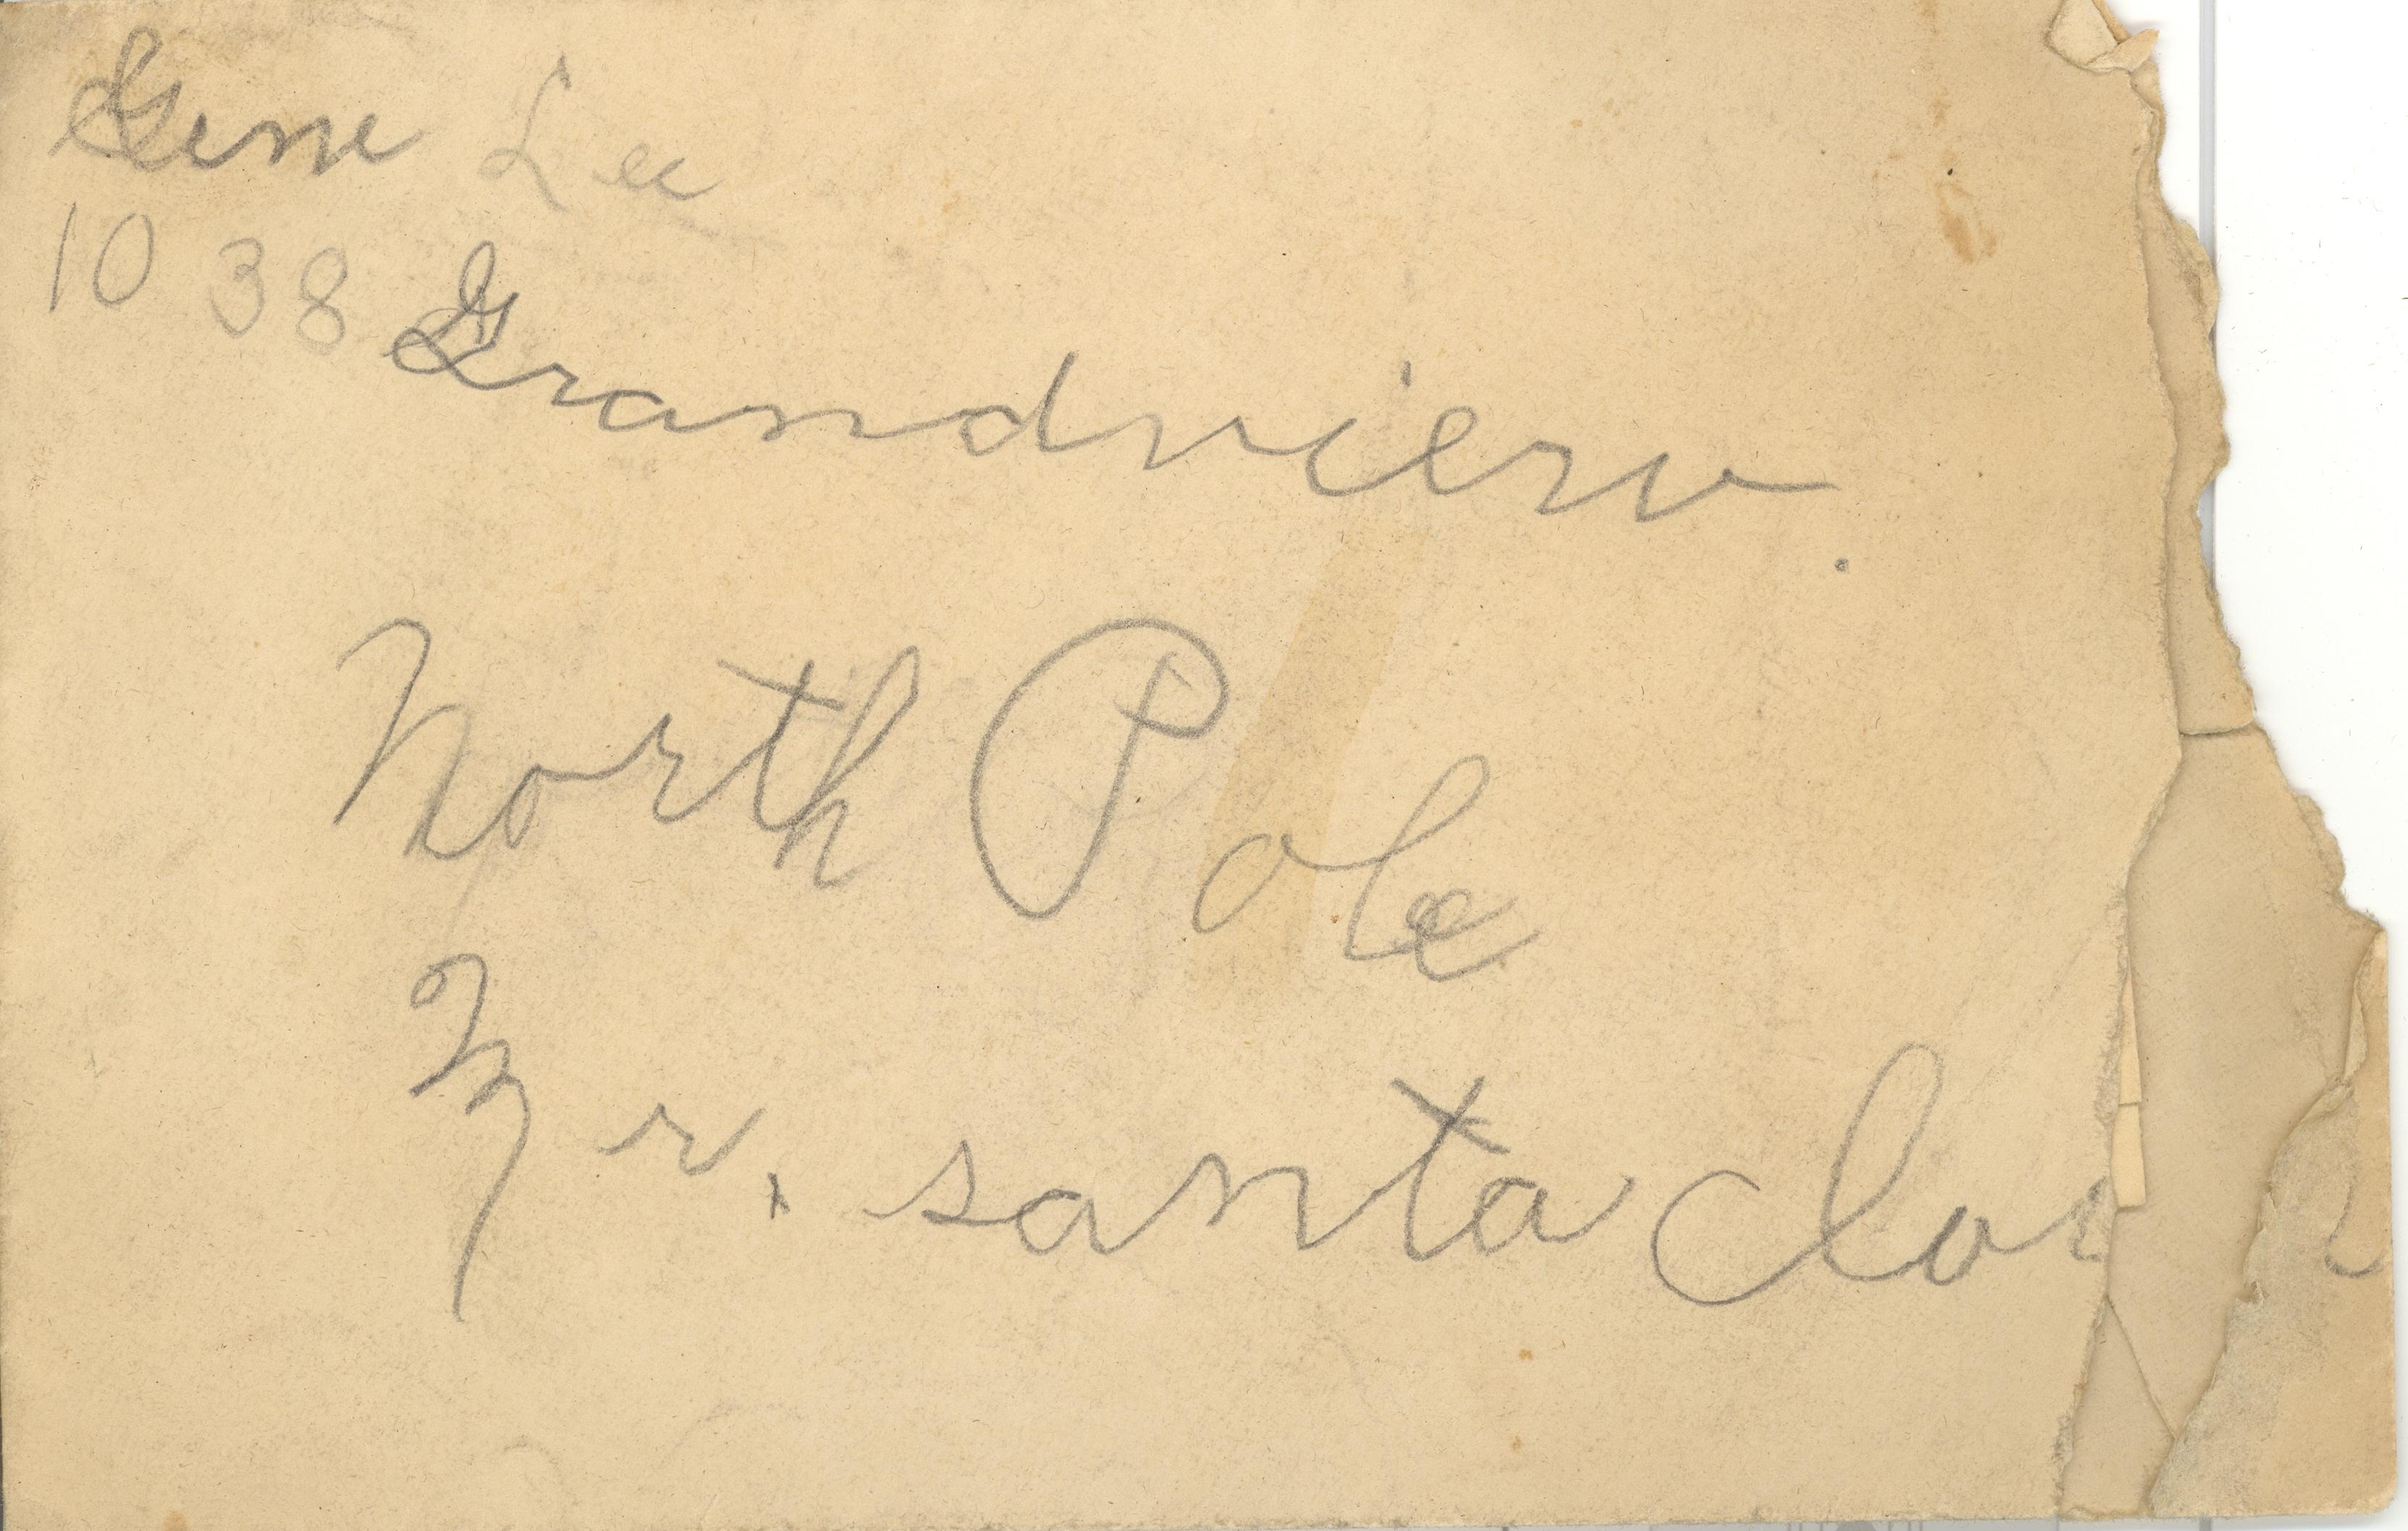 Samuel j lee heritage ramblings envelope to santa from lloyd eugene gene lee spiritdancerdesigns Images